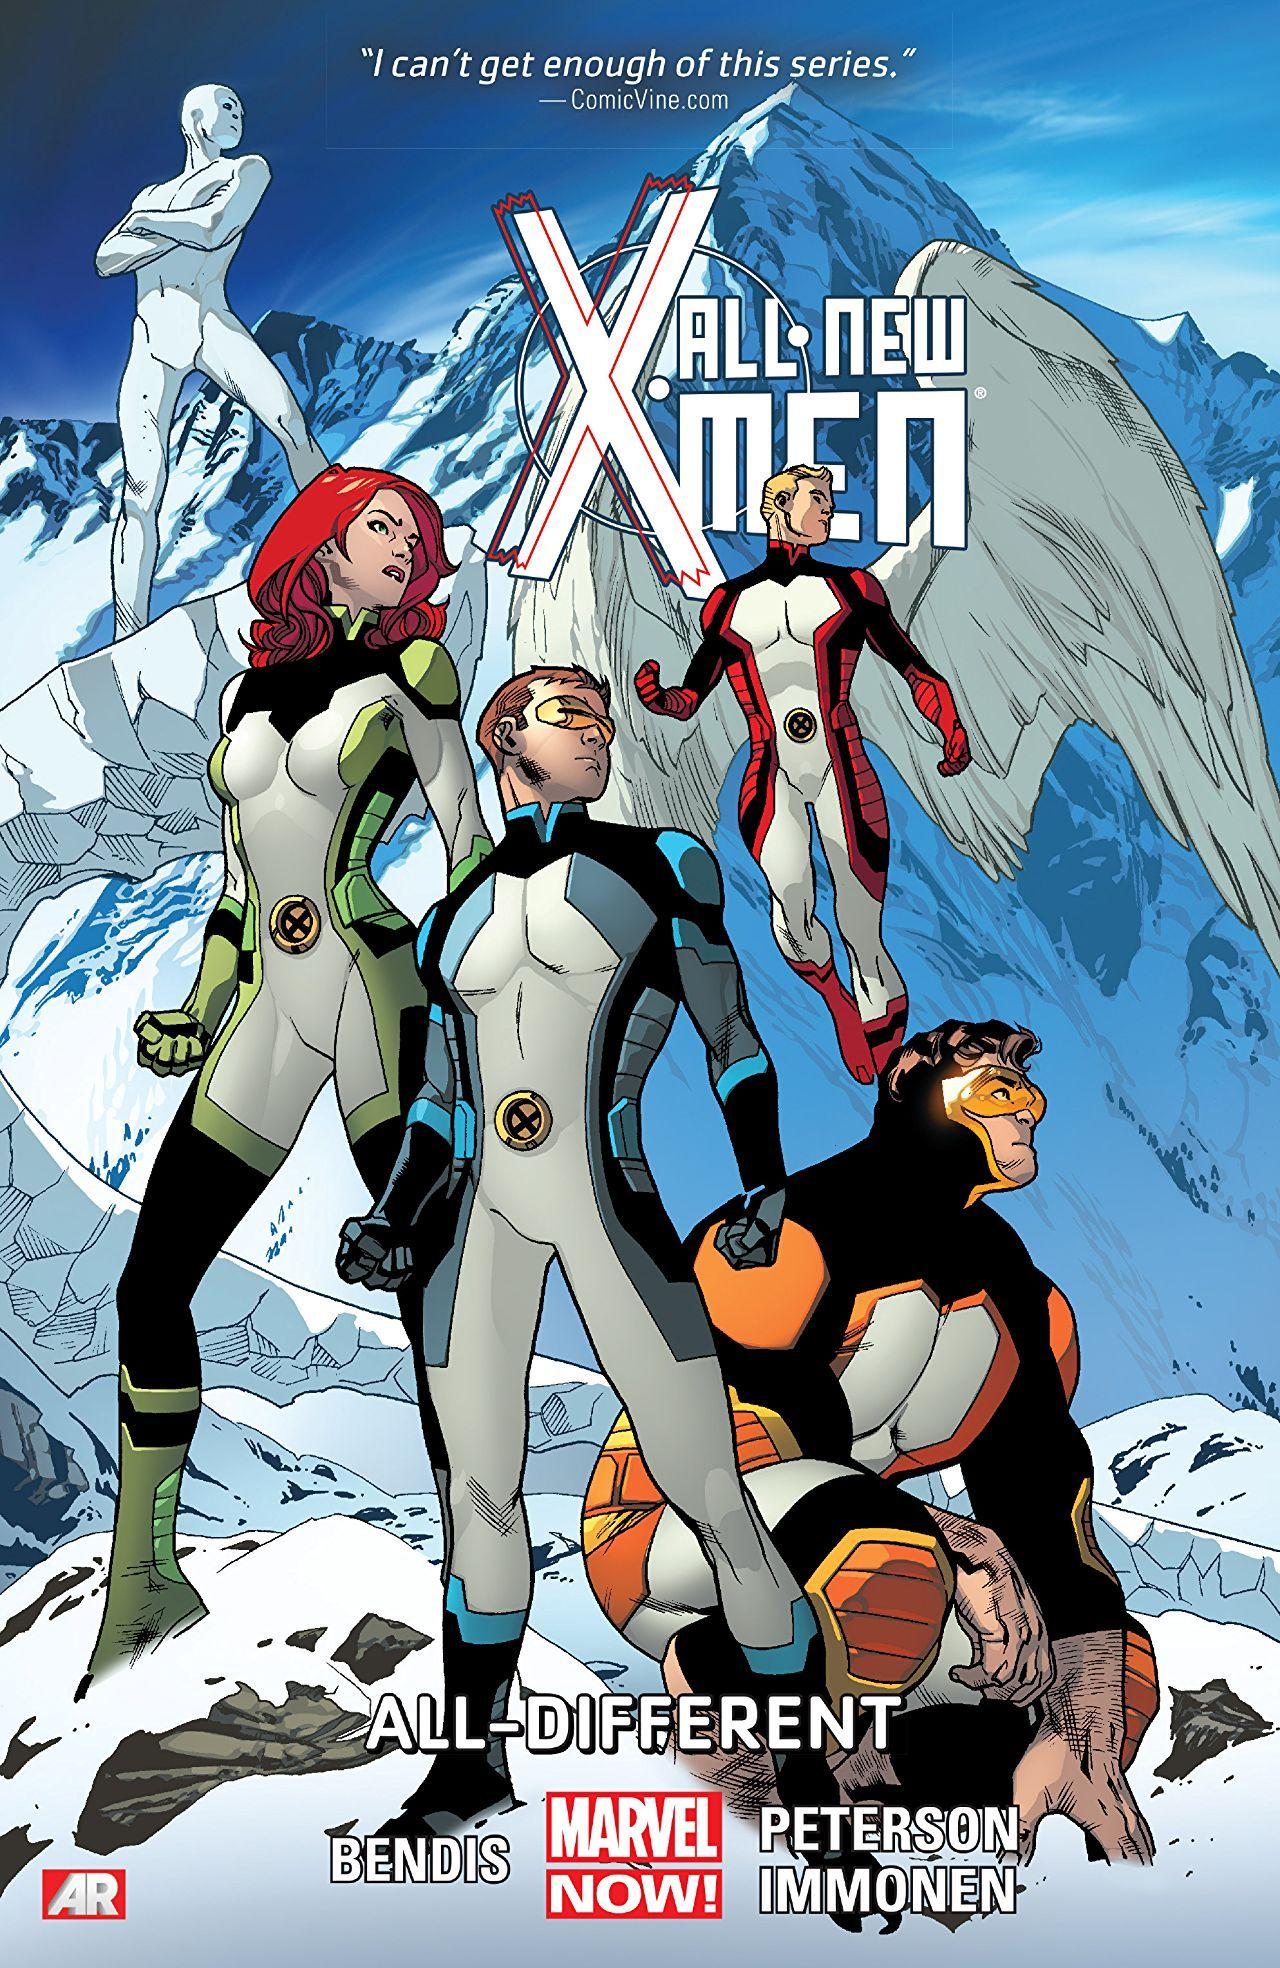 All New X Men Vol 4 All Different Comics By Comixology Marvel Comics Art X Men Costumes Marvel Comics